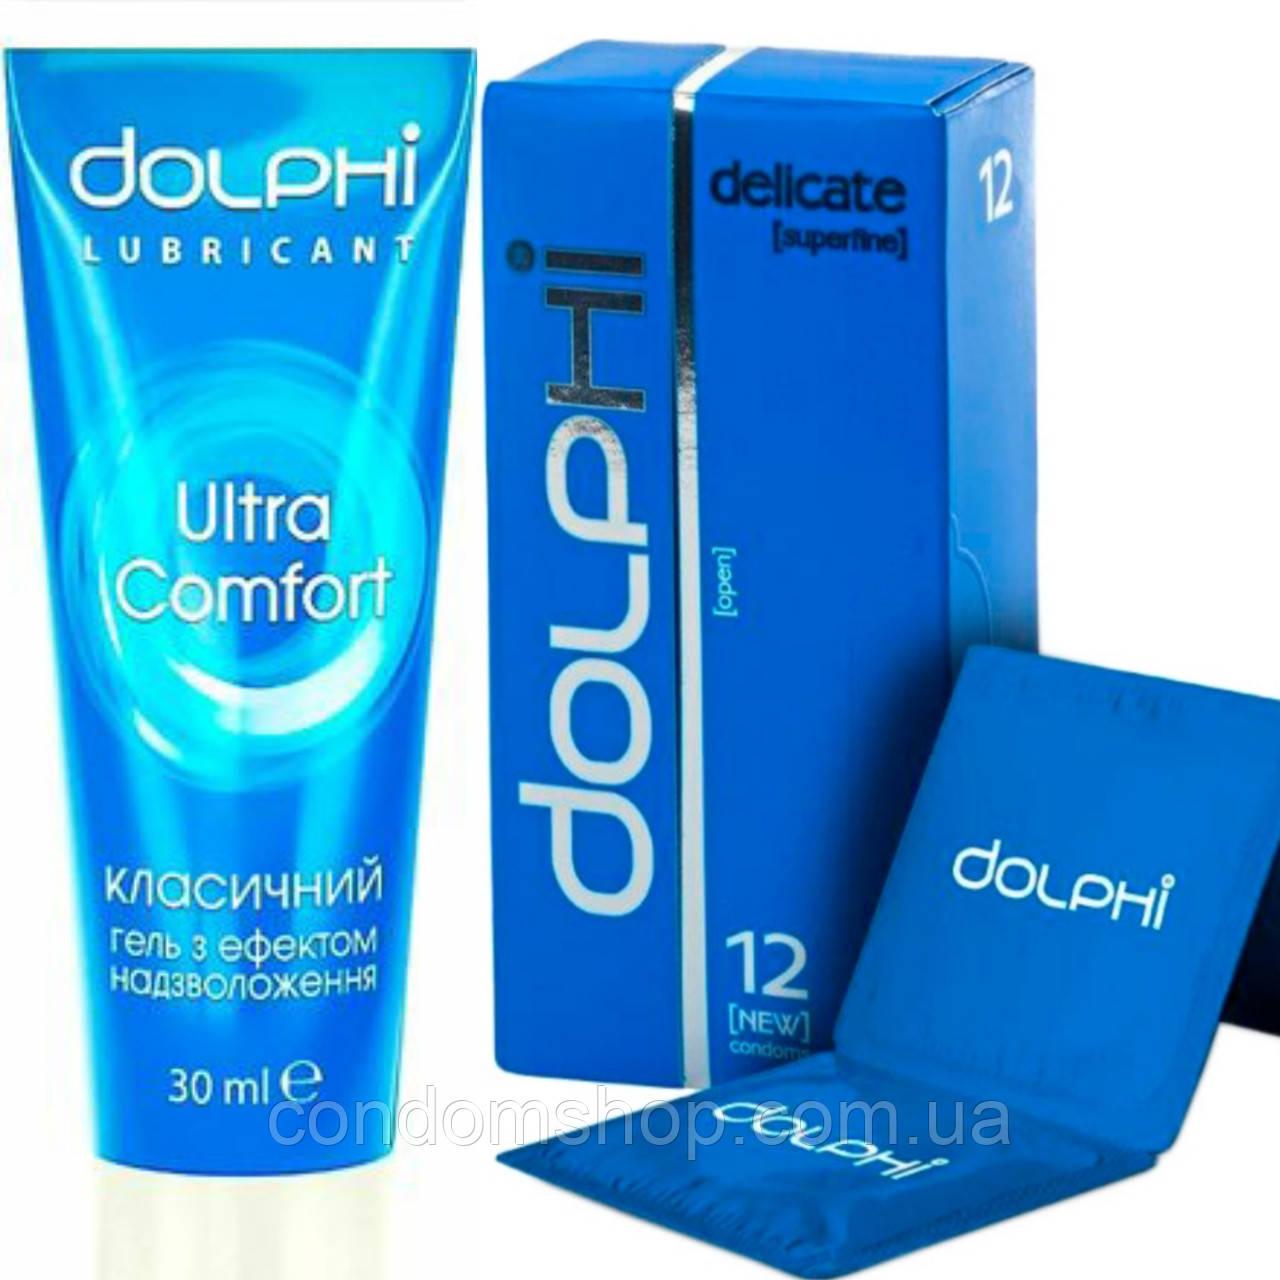 """Набор Dolphi lux ,,Нежное прикосновение"""":презервативы Dolphi Delicate супер тонкие + гель-смазка классическая"""